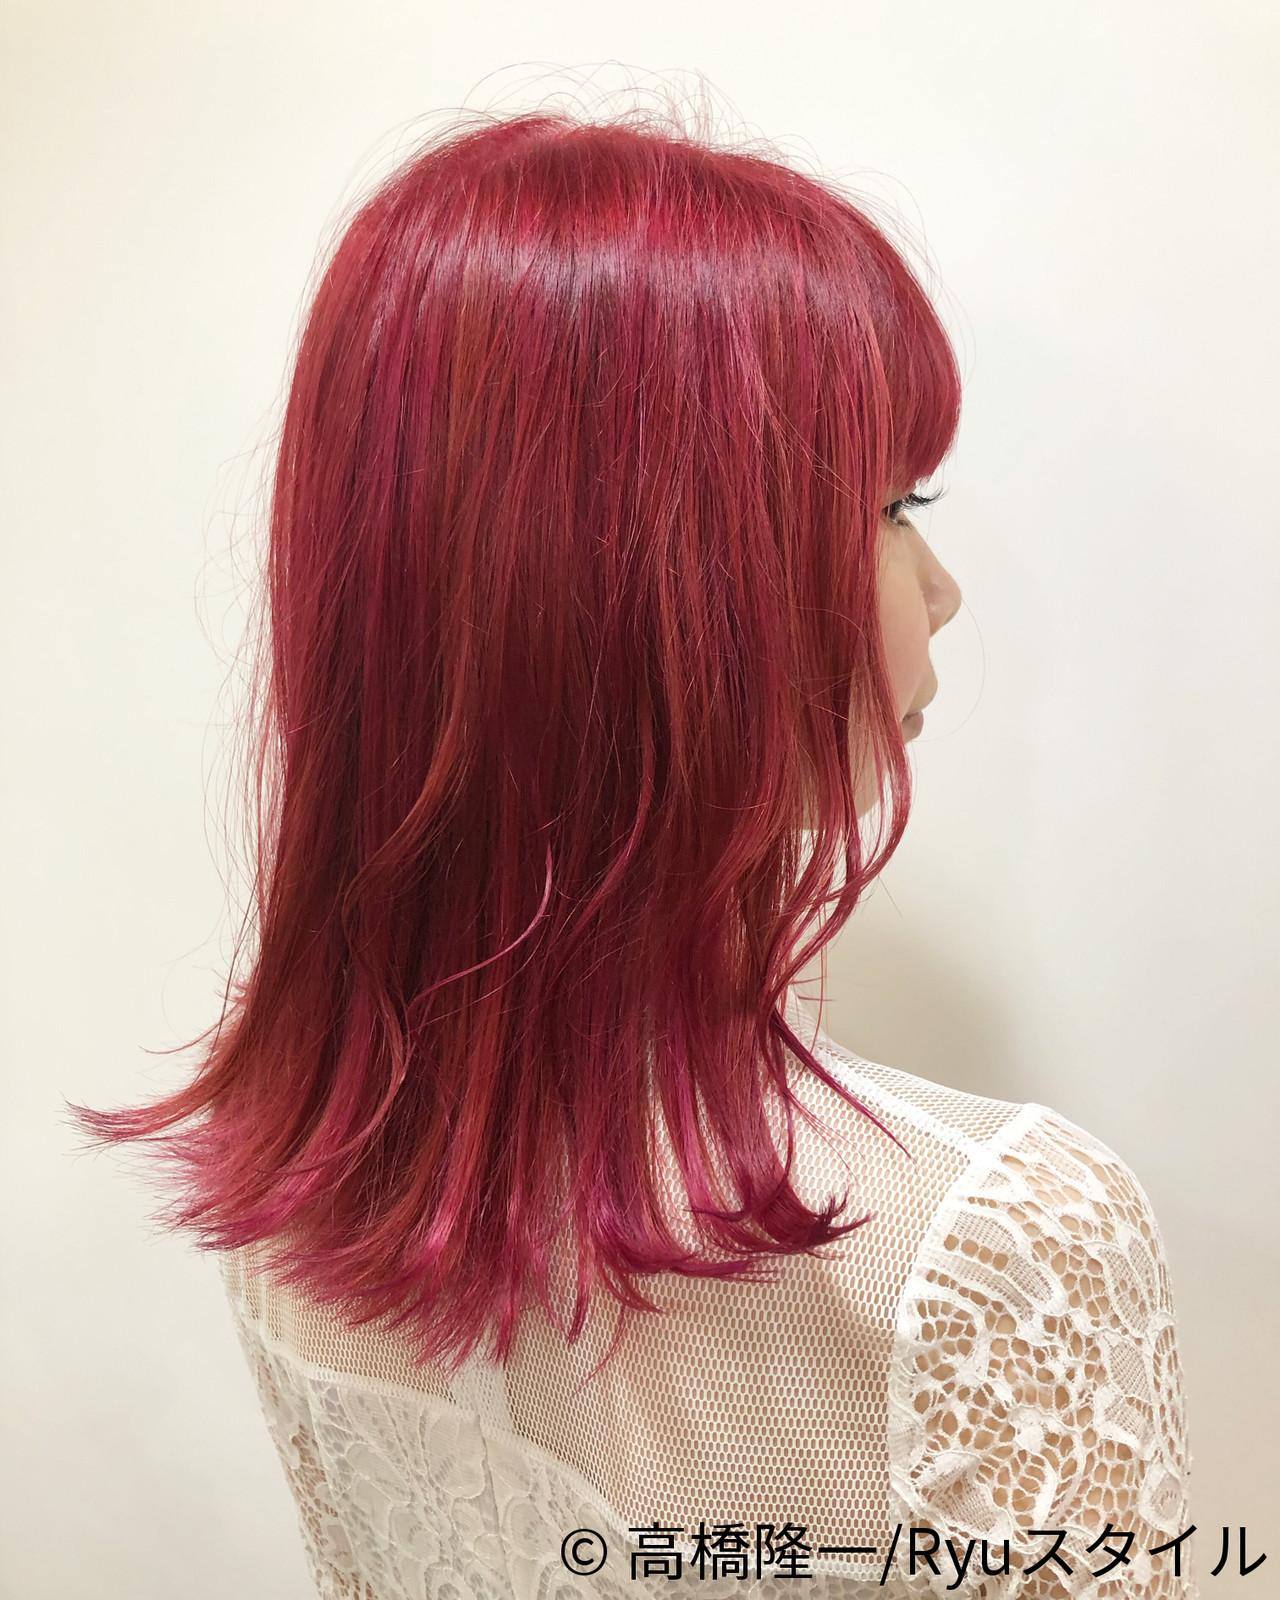 ピンク ガーリー ミディアム ベリーピンク ヘアスタイルや髪型の写真・画像